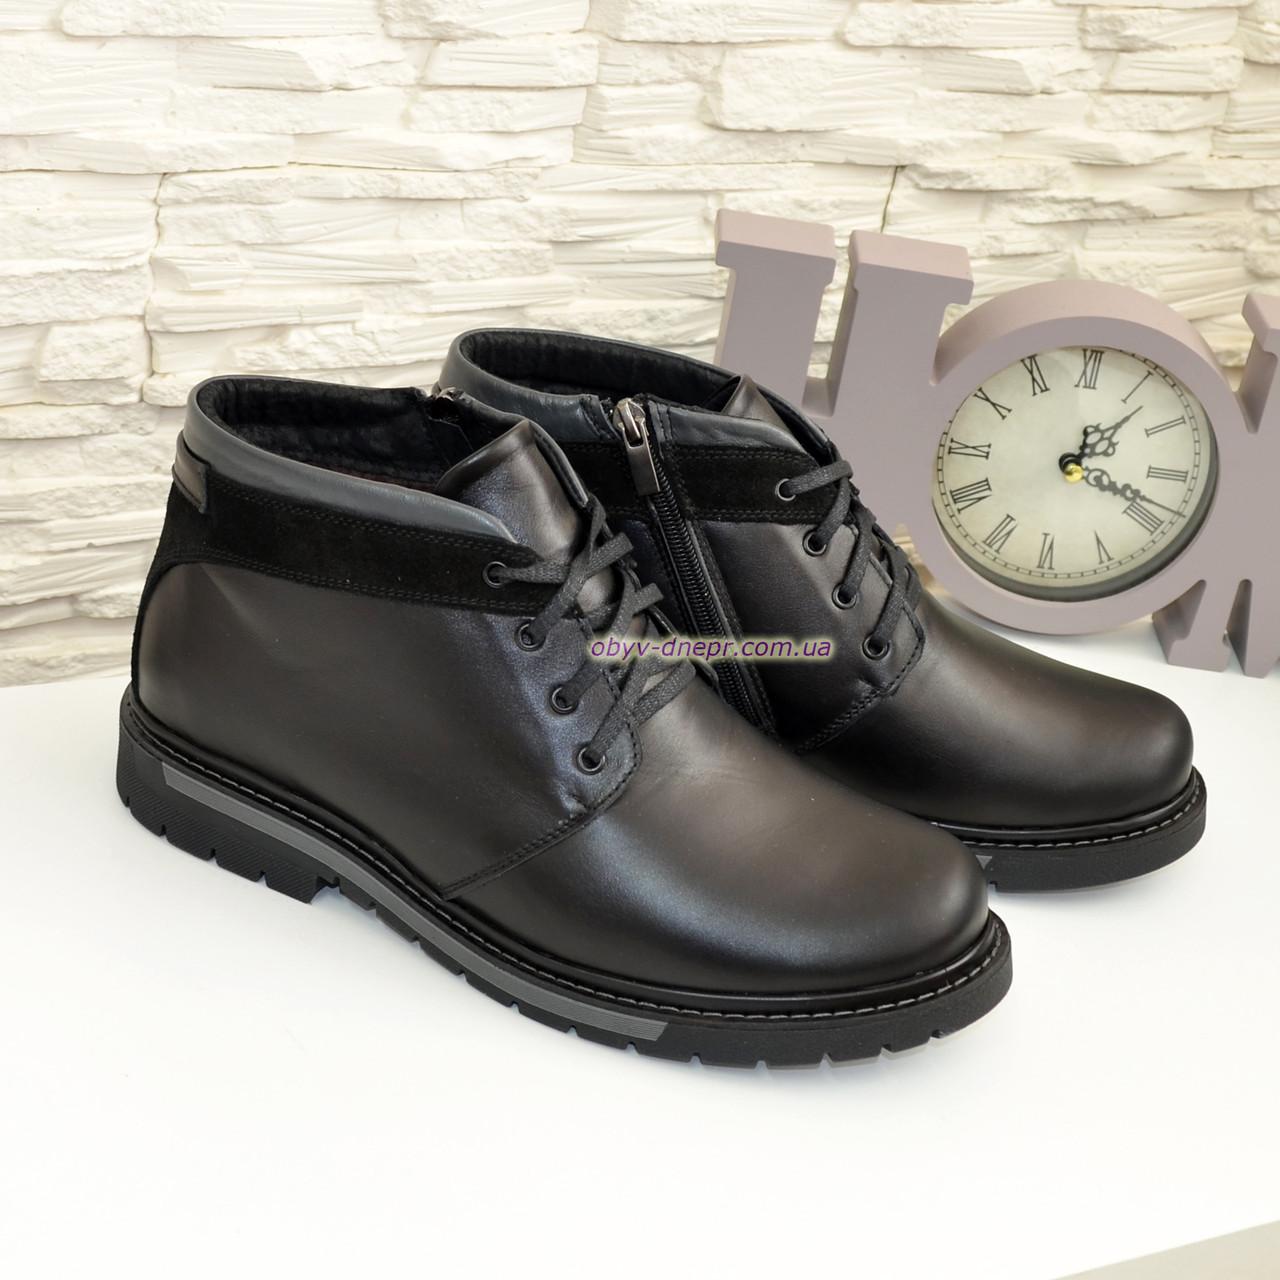 Ботинки кожаные мужские на шнуровке, декорированы вставкой из черной замши